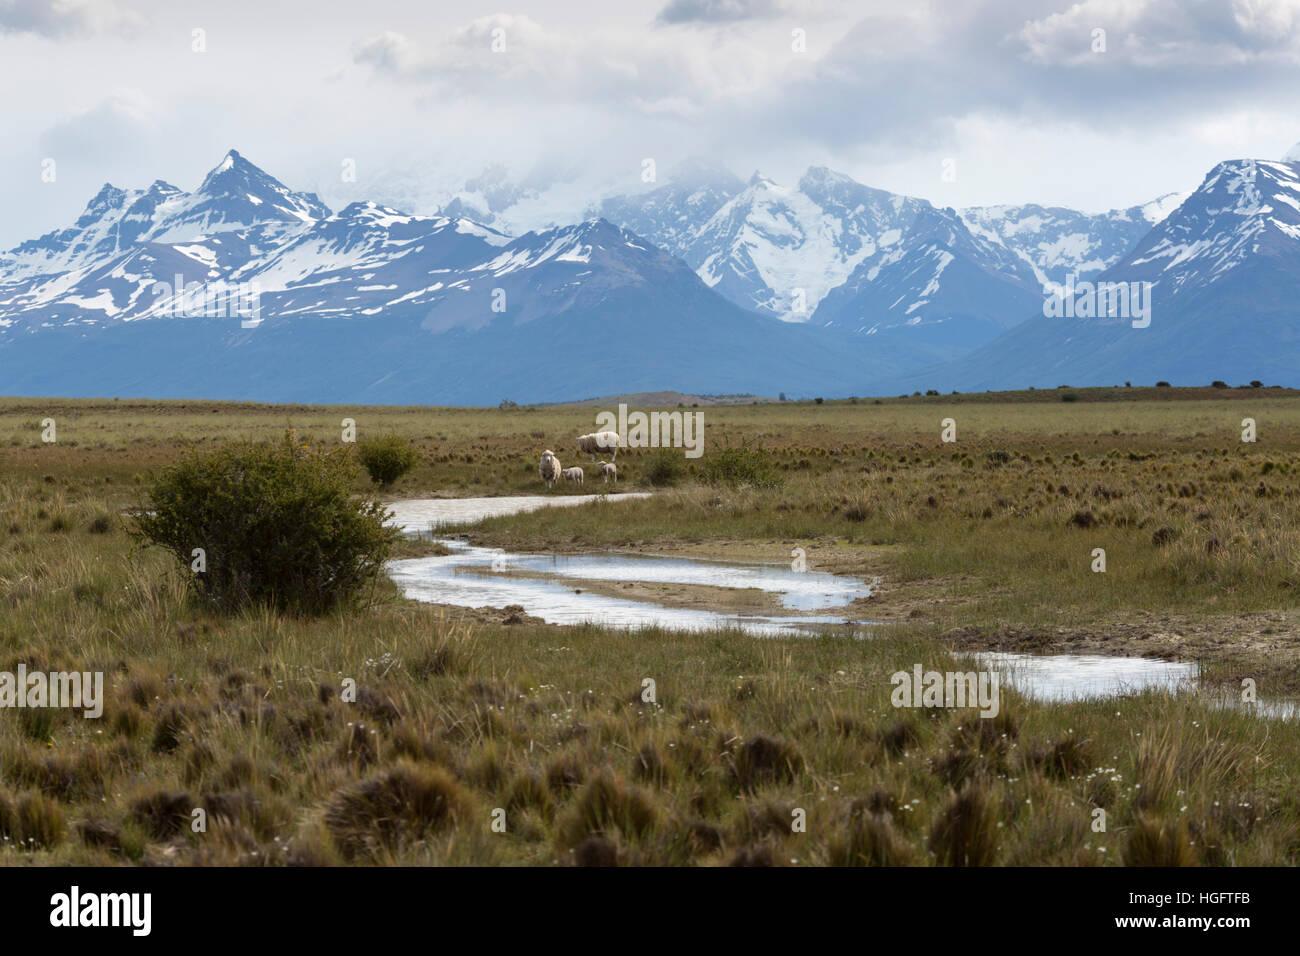 Río y ovejas por debajo de la cordillera de los andes, la estancia alta vista a la cordillera de Los Andes, Imagen De Stock